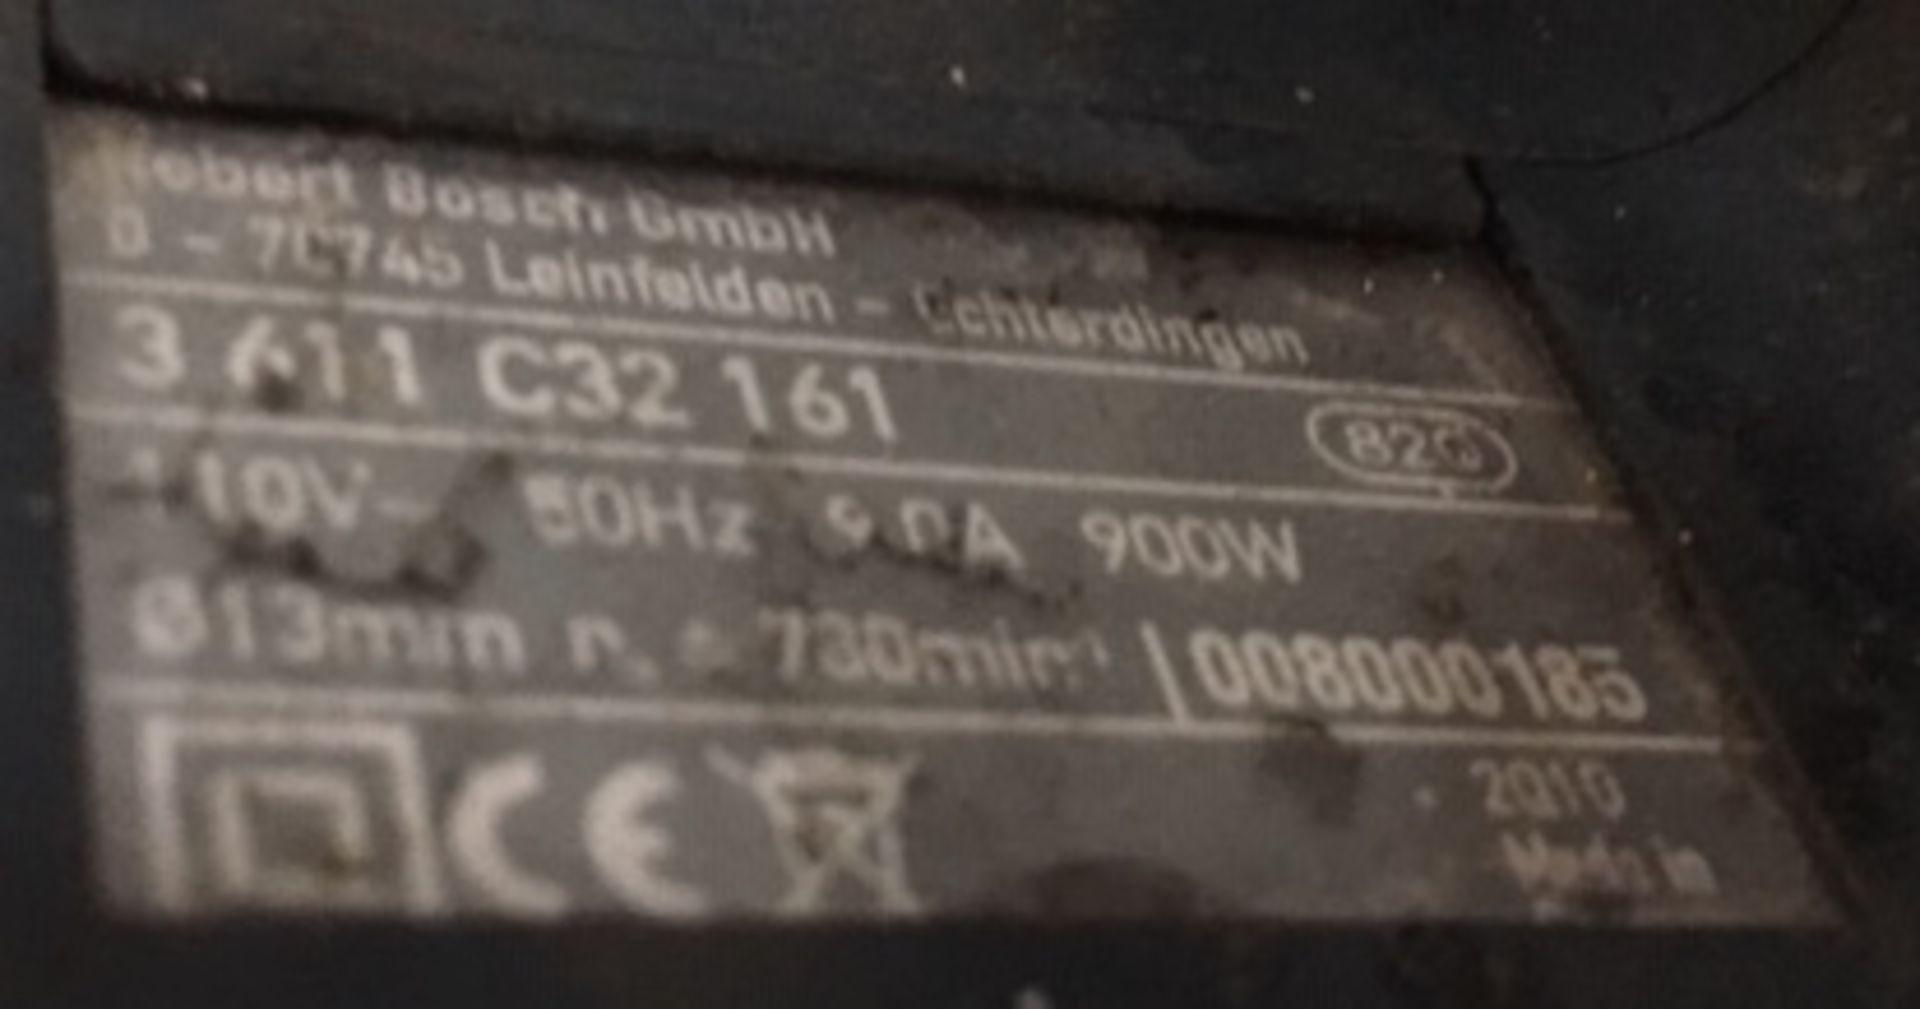 Lot 114 - Bosch Professional Hammer Drill